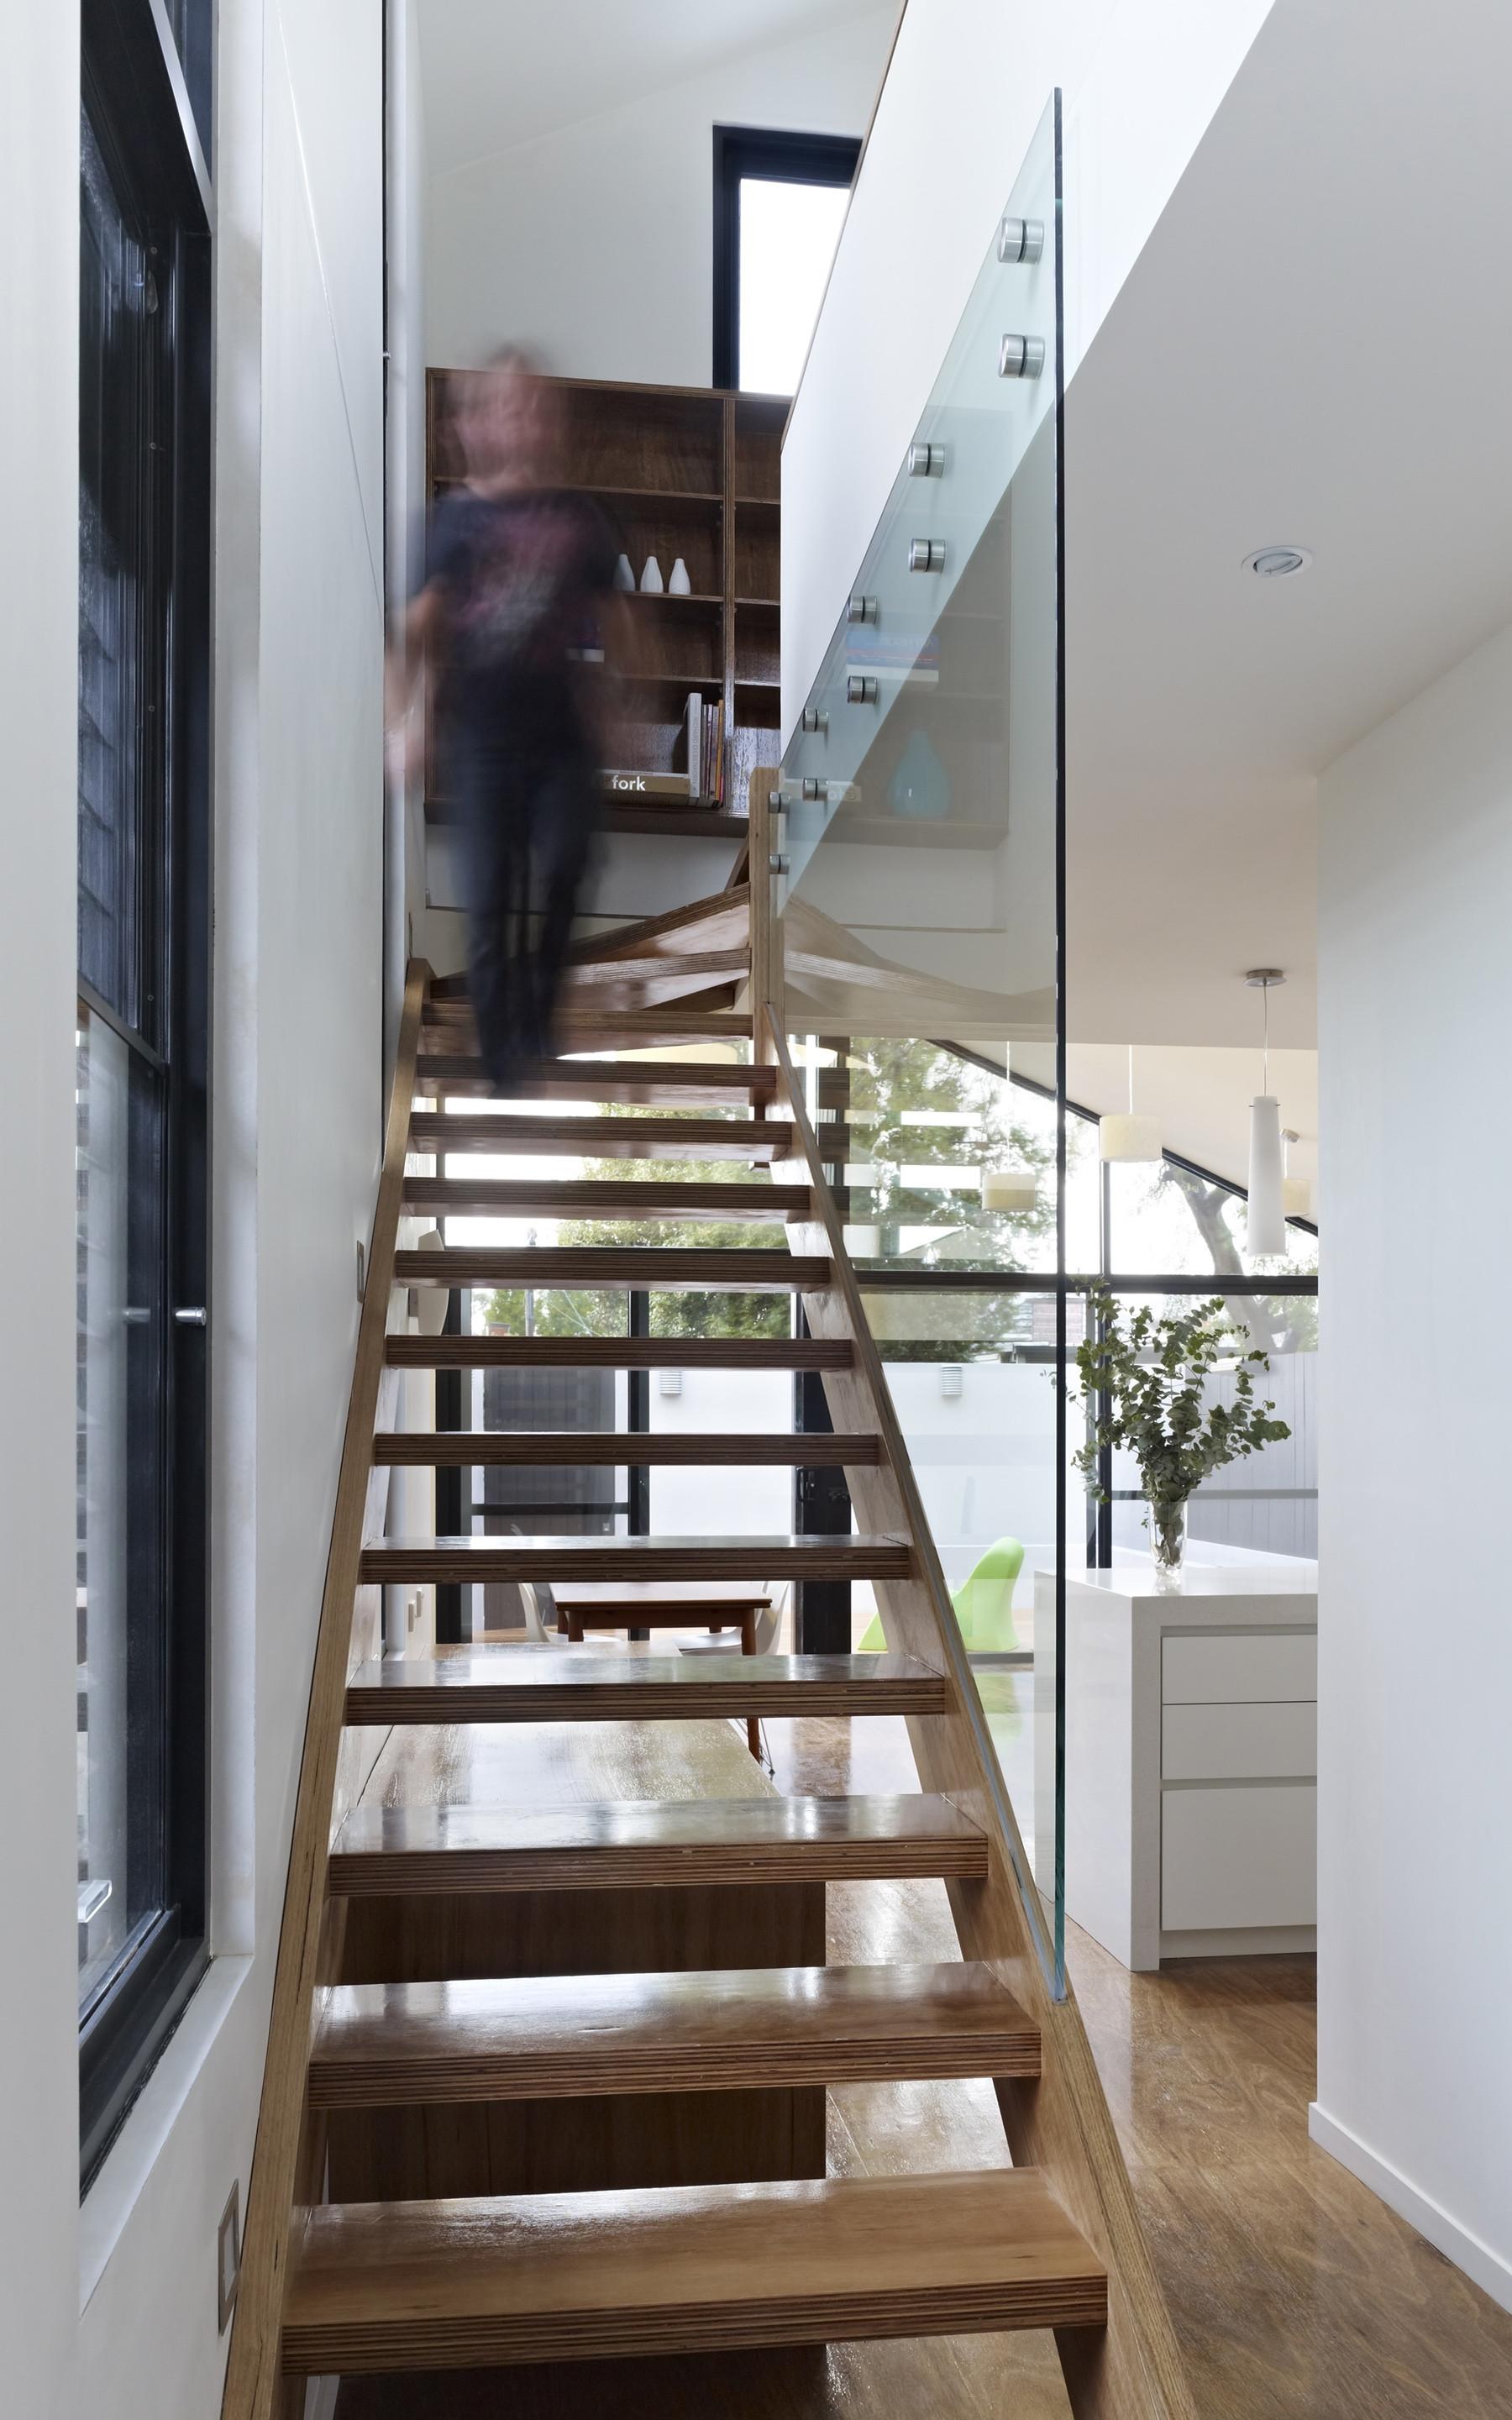 Galería de Vivienda en Fitzroy North / Nic Owen Architects - 7